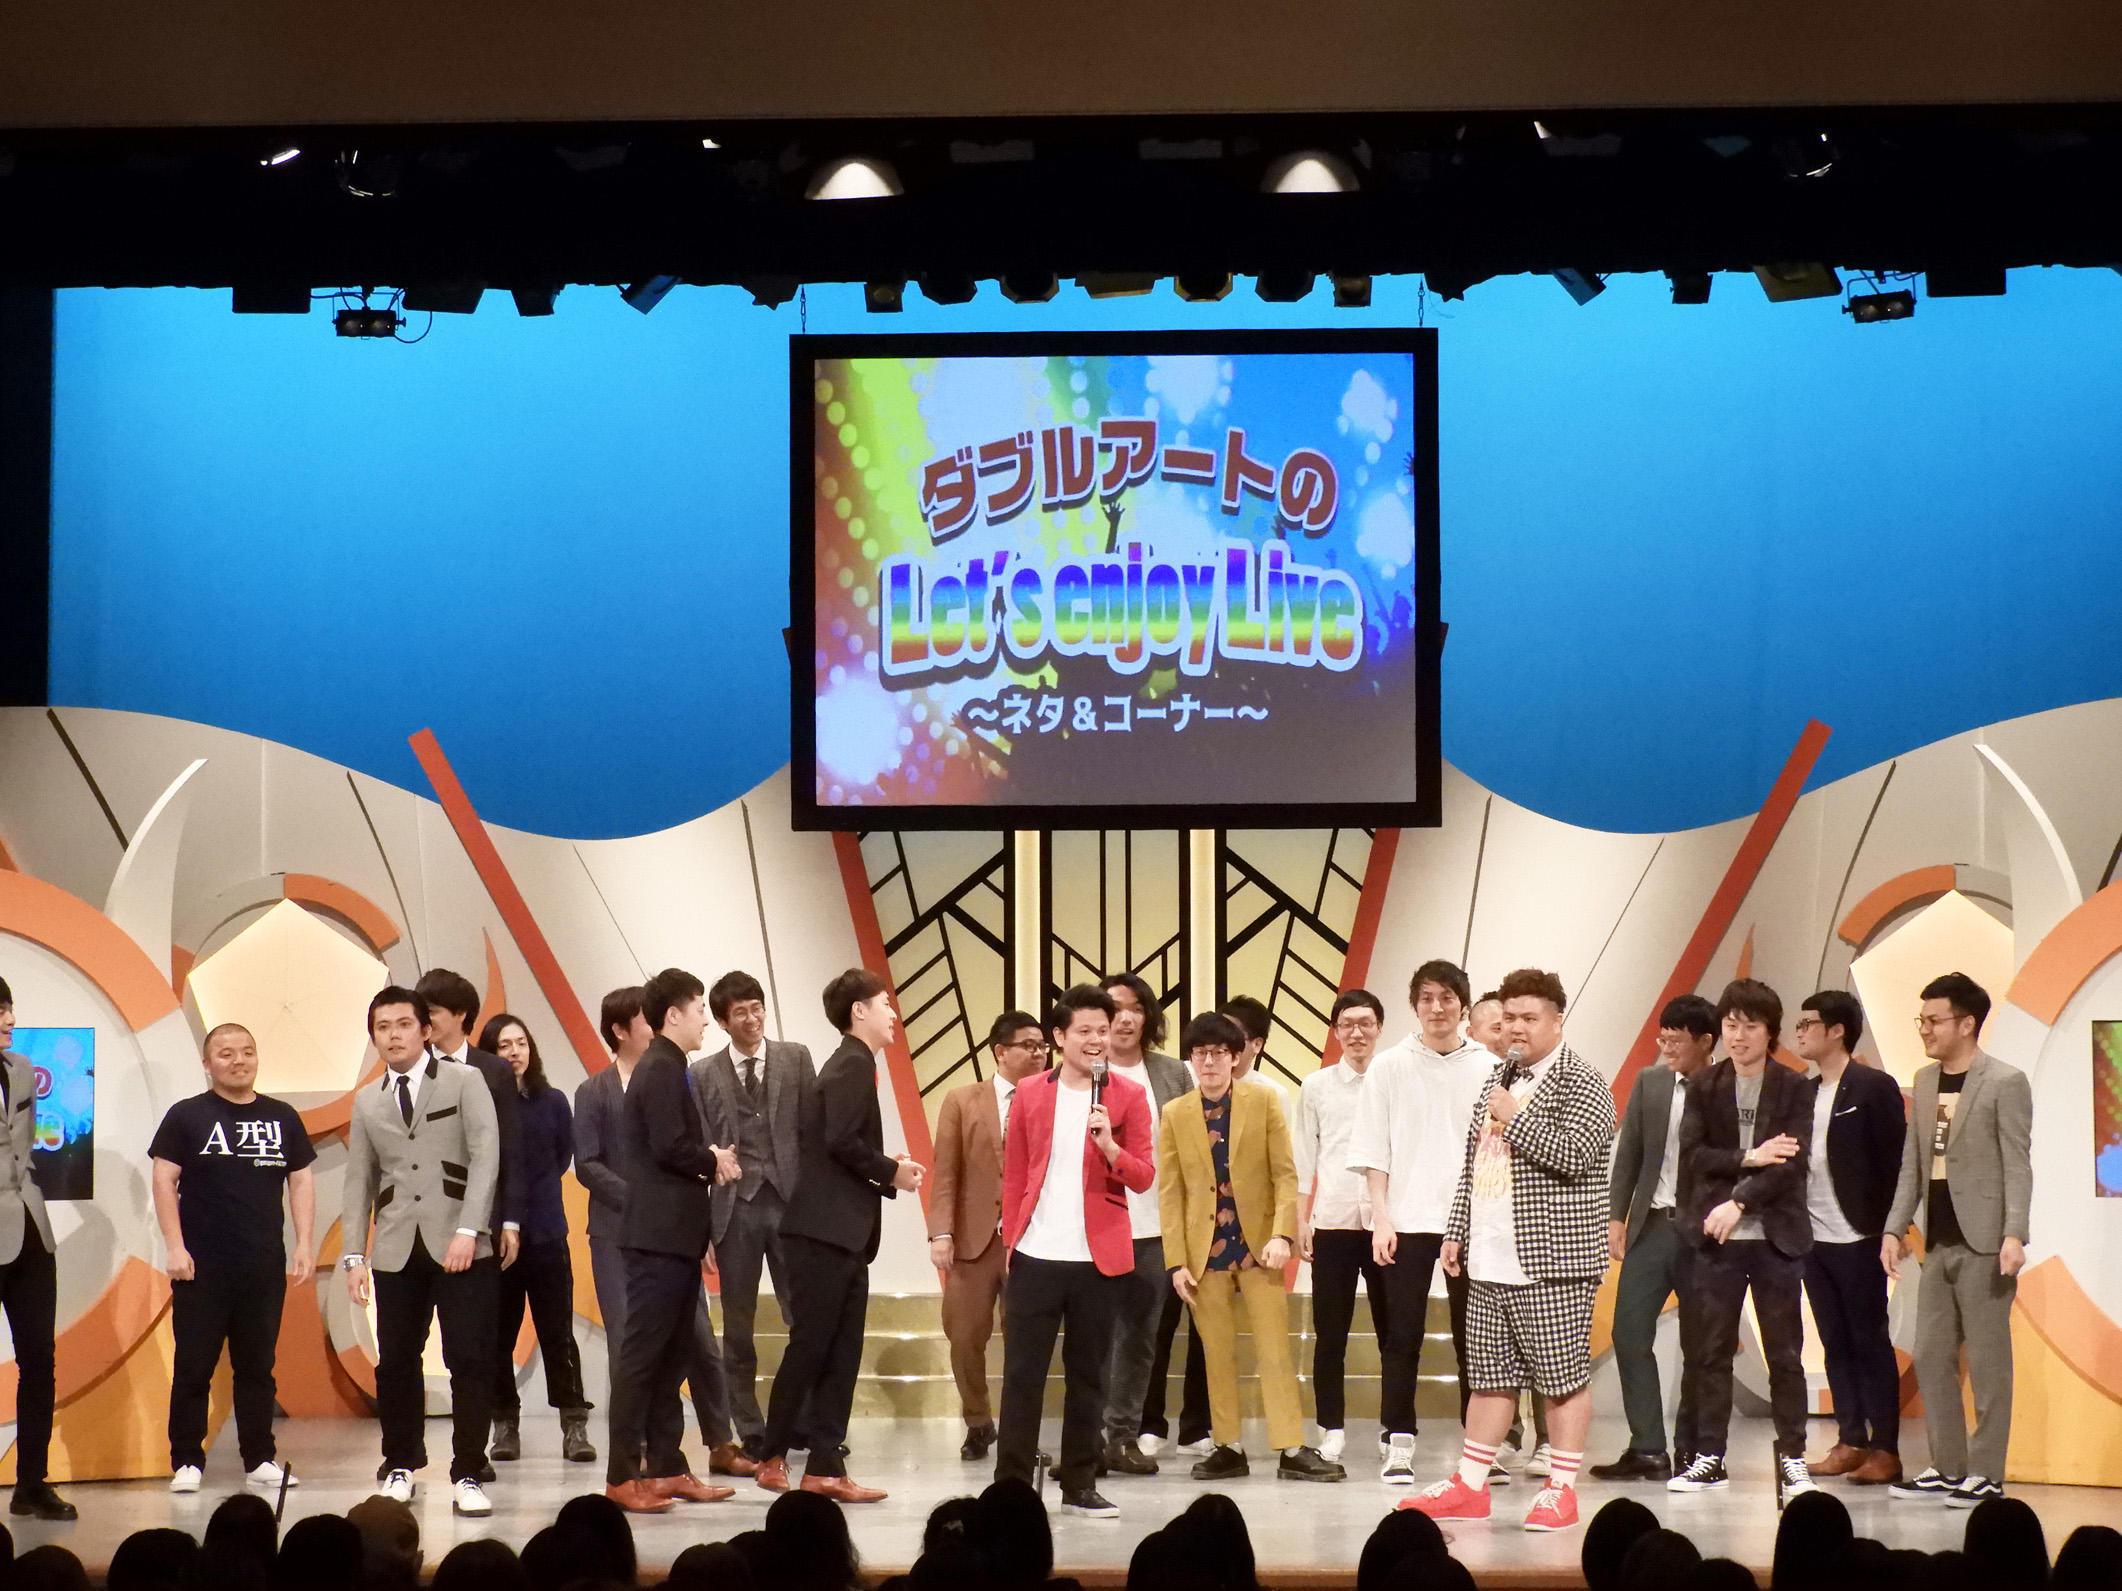 http://news.yoshimoto.co.jp/20180528121057-0b7ef73e62edd2b1d13a5ccbfe19d07b0bbd4ae8.jpg